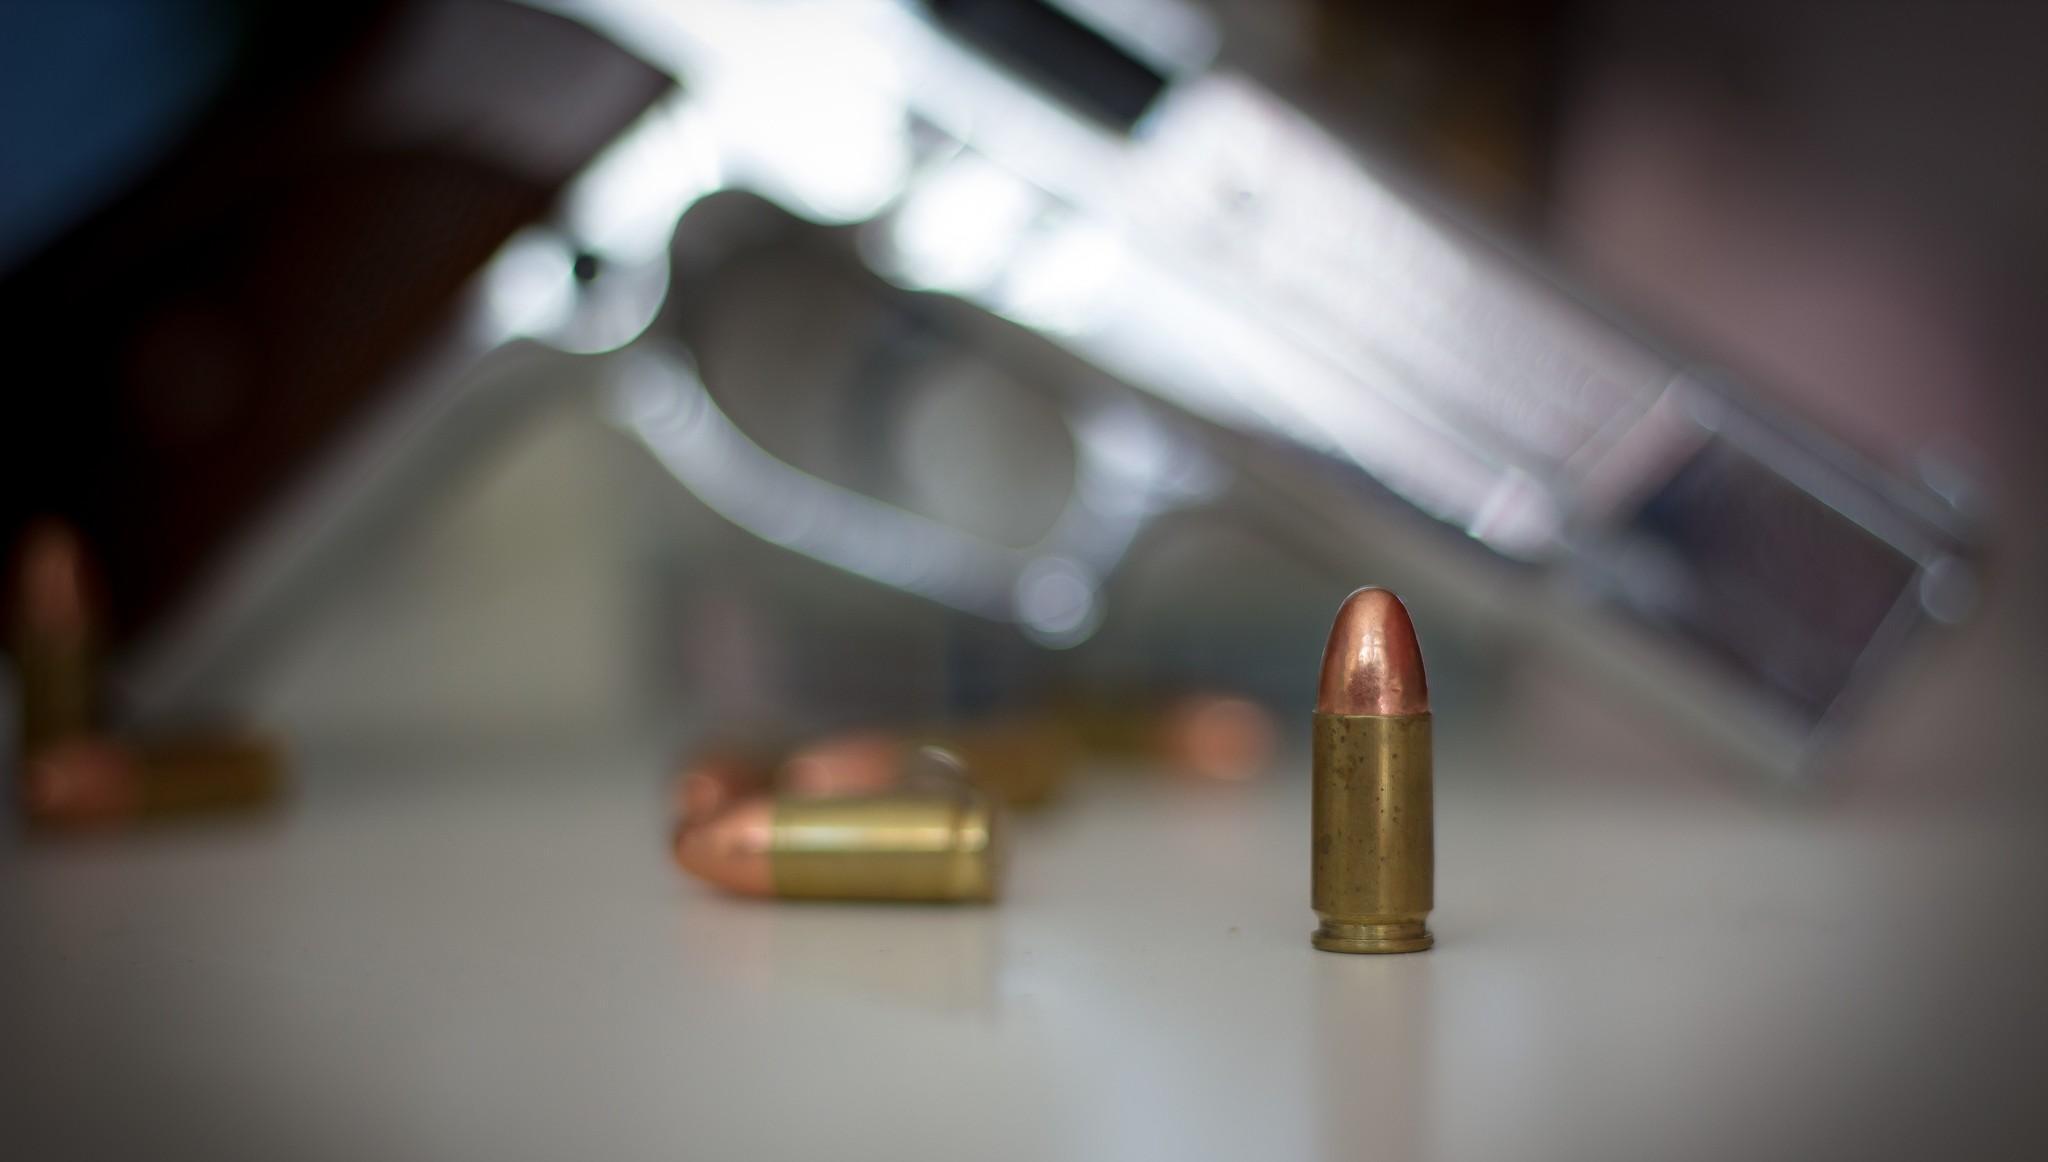 Законопроект об ужесточении правил покупки оружия внесен в Госдуму